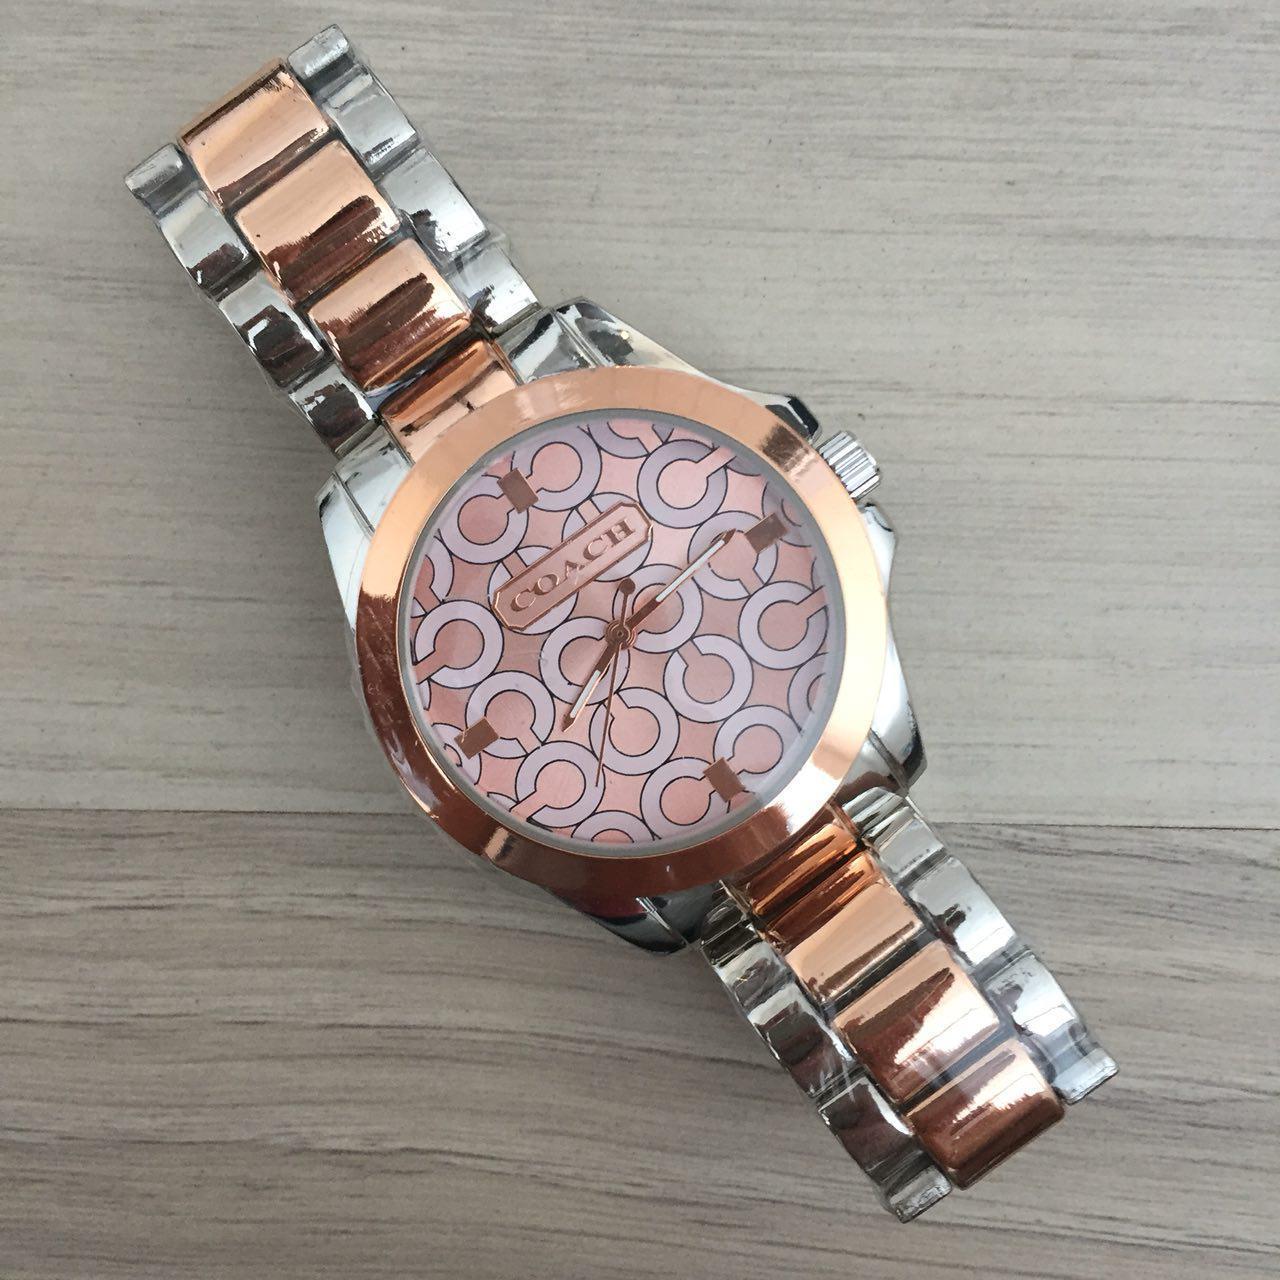 Женские часы Coach (Коач) Silver-Pink Браслет золотисто-серебристый браслет